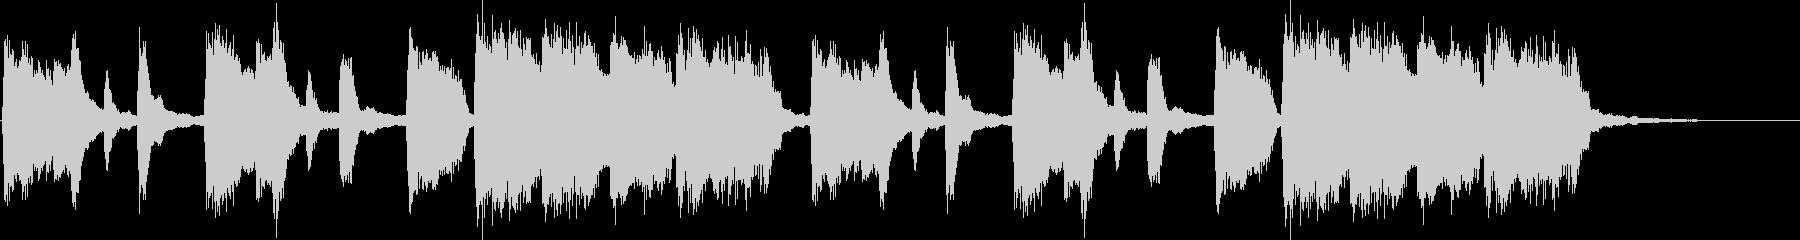 クラシック調の子供向けジングル(ロング)の未再生の波形